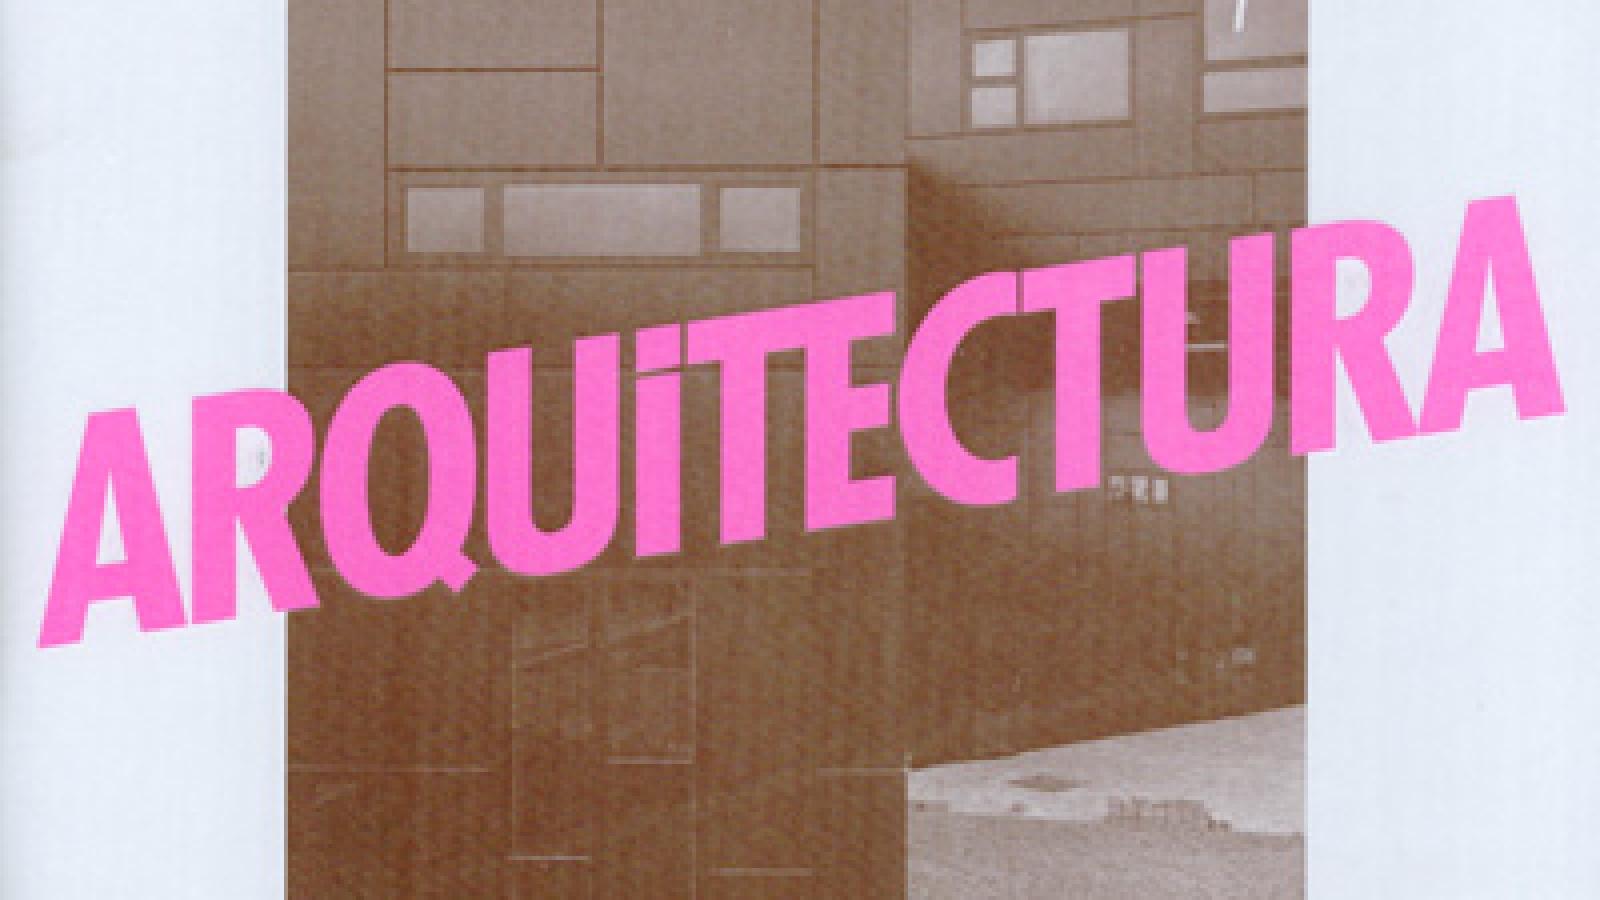 Arquitectura_2014_06